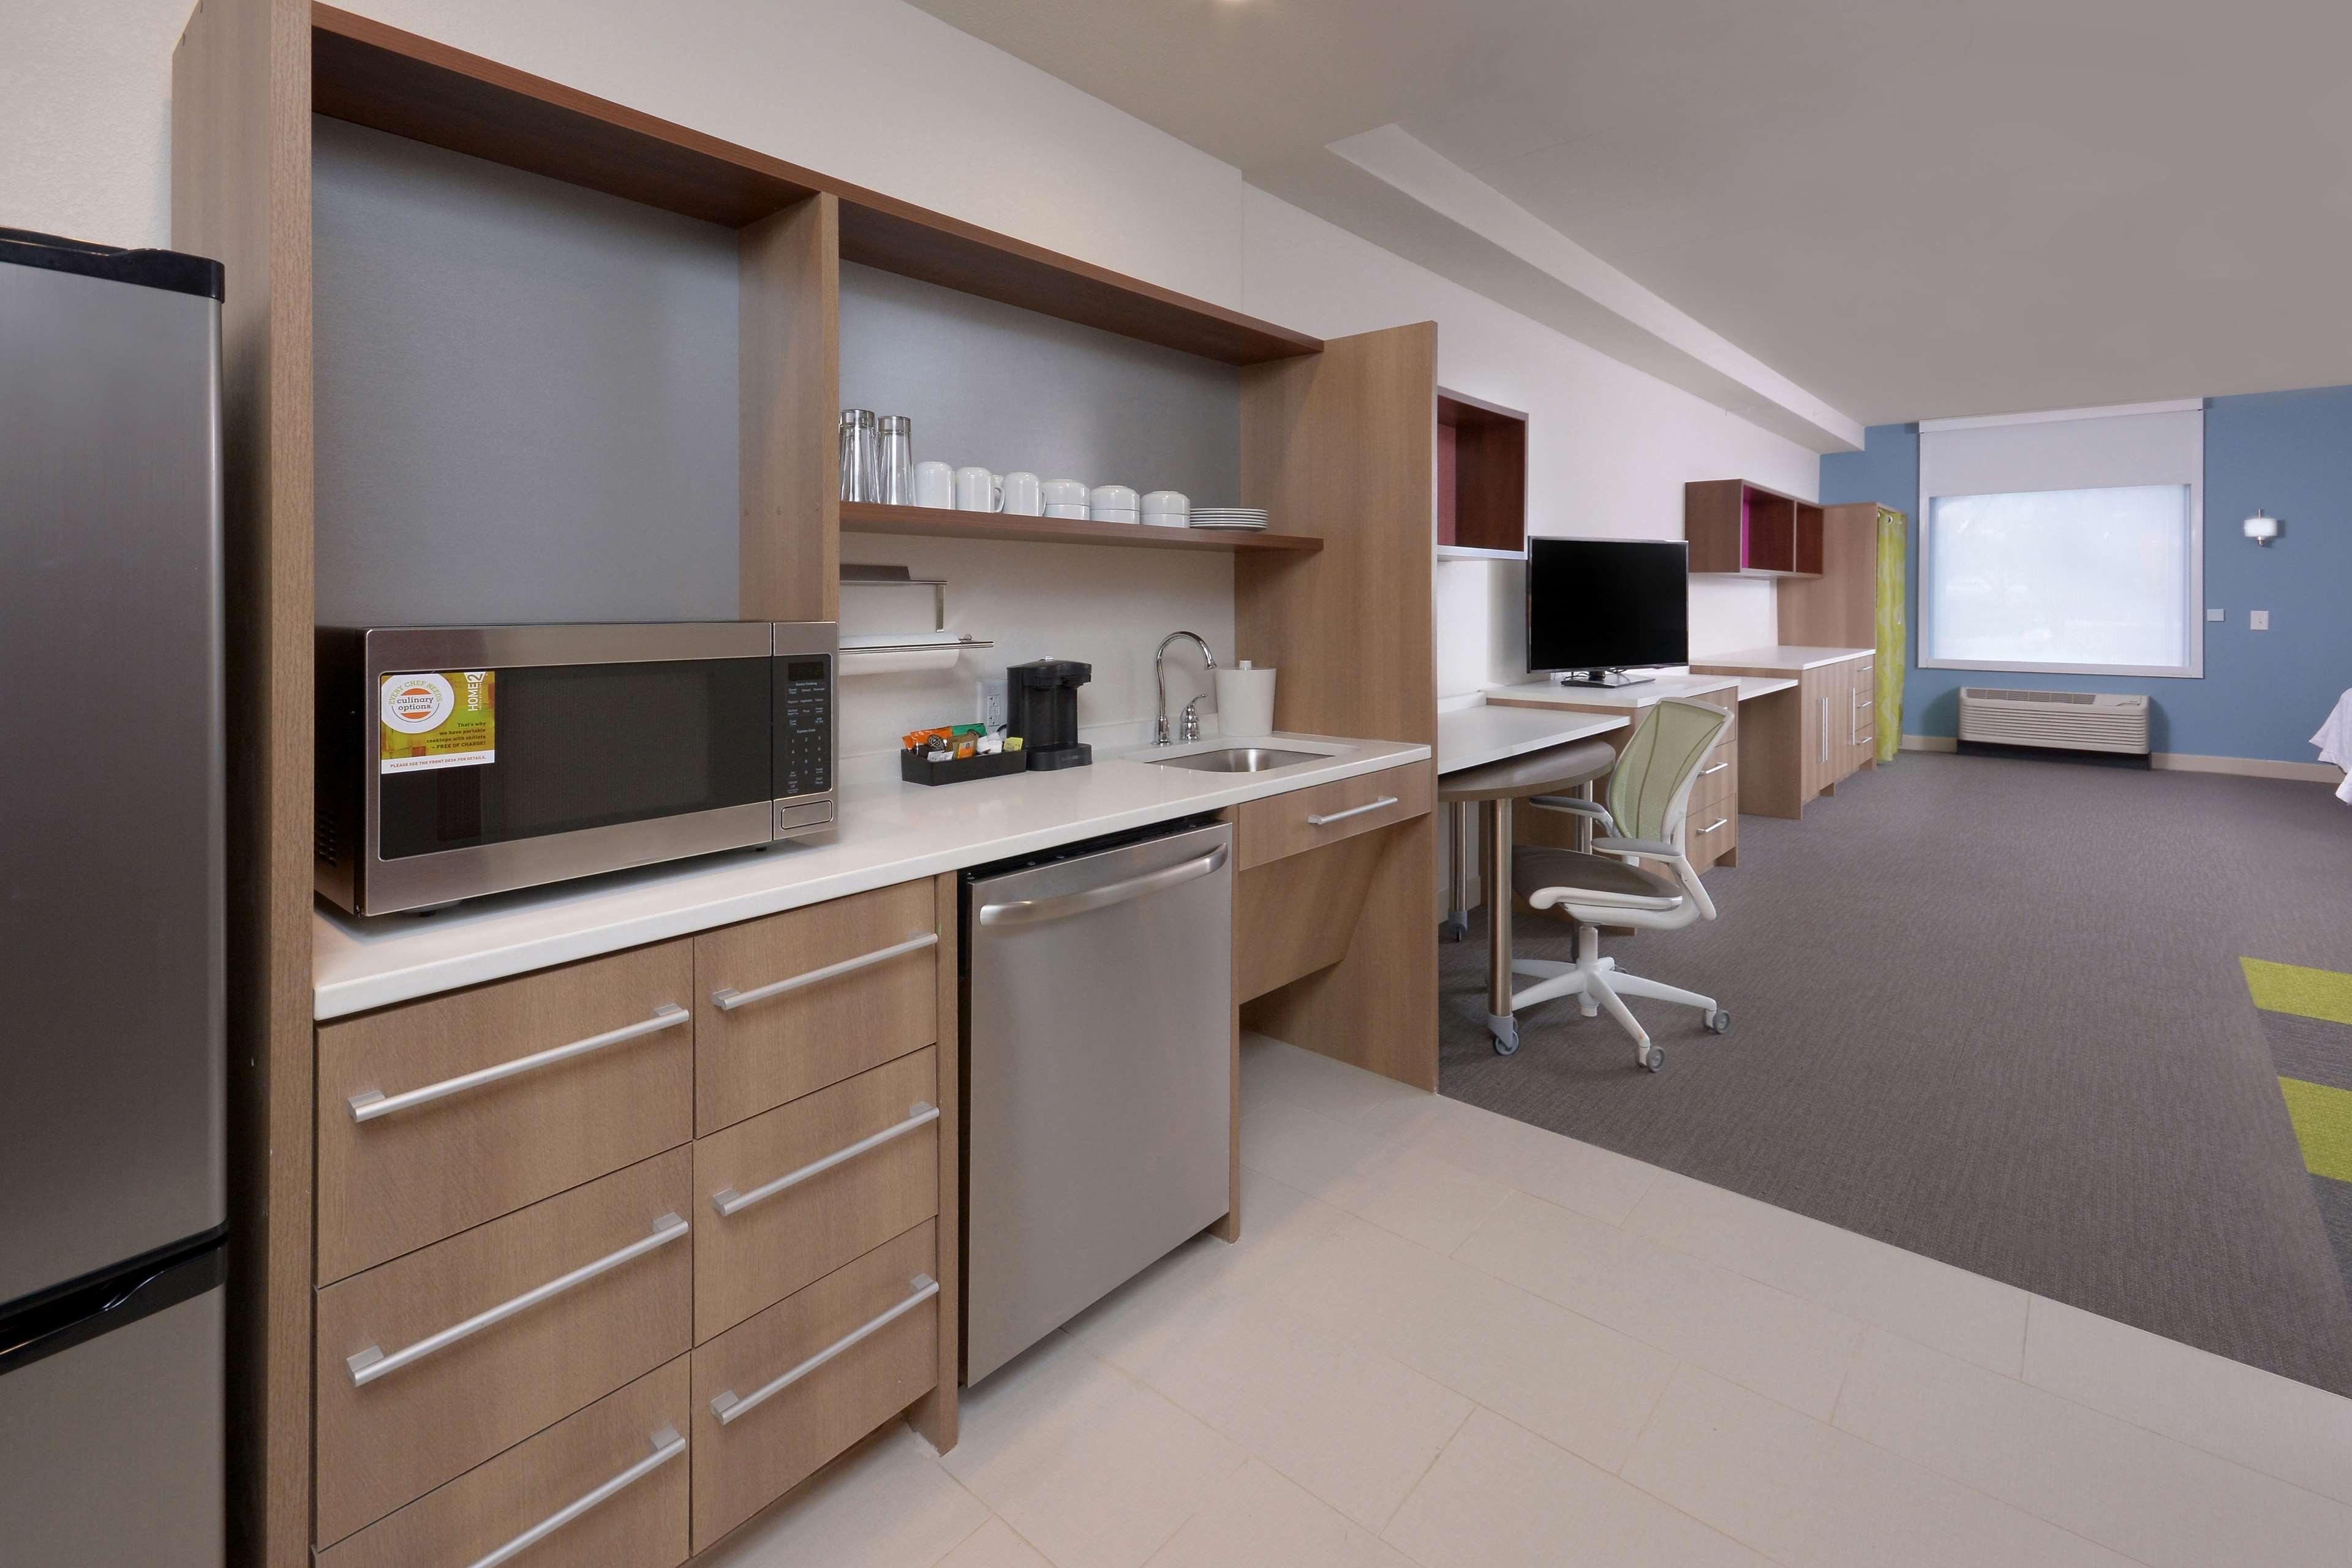 Home2 Suites by Hilton Duncan image 27